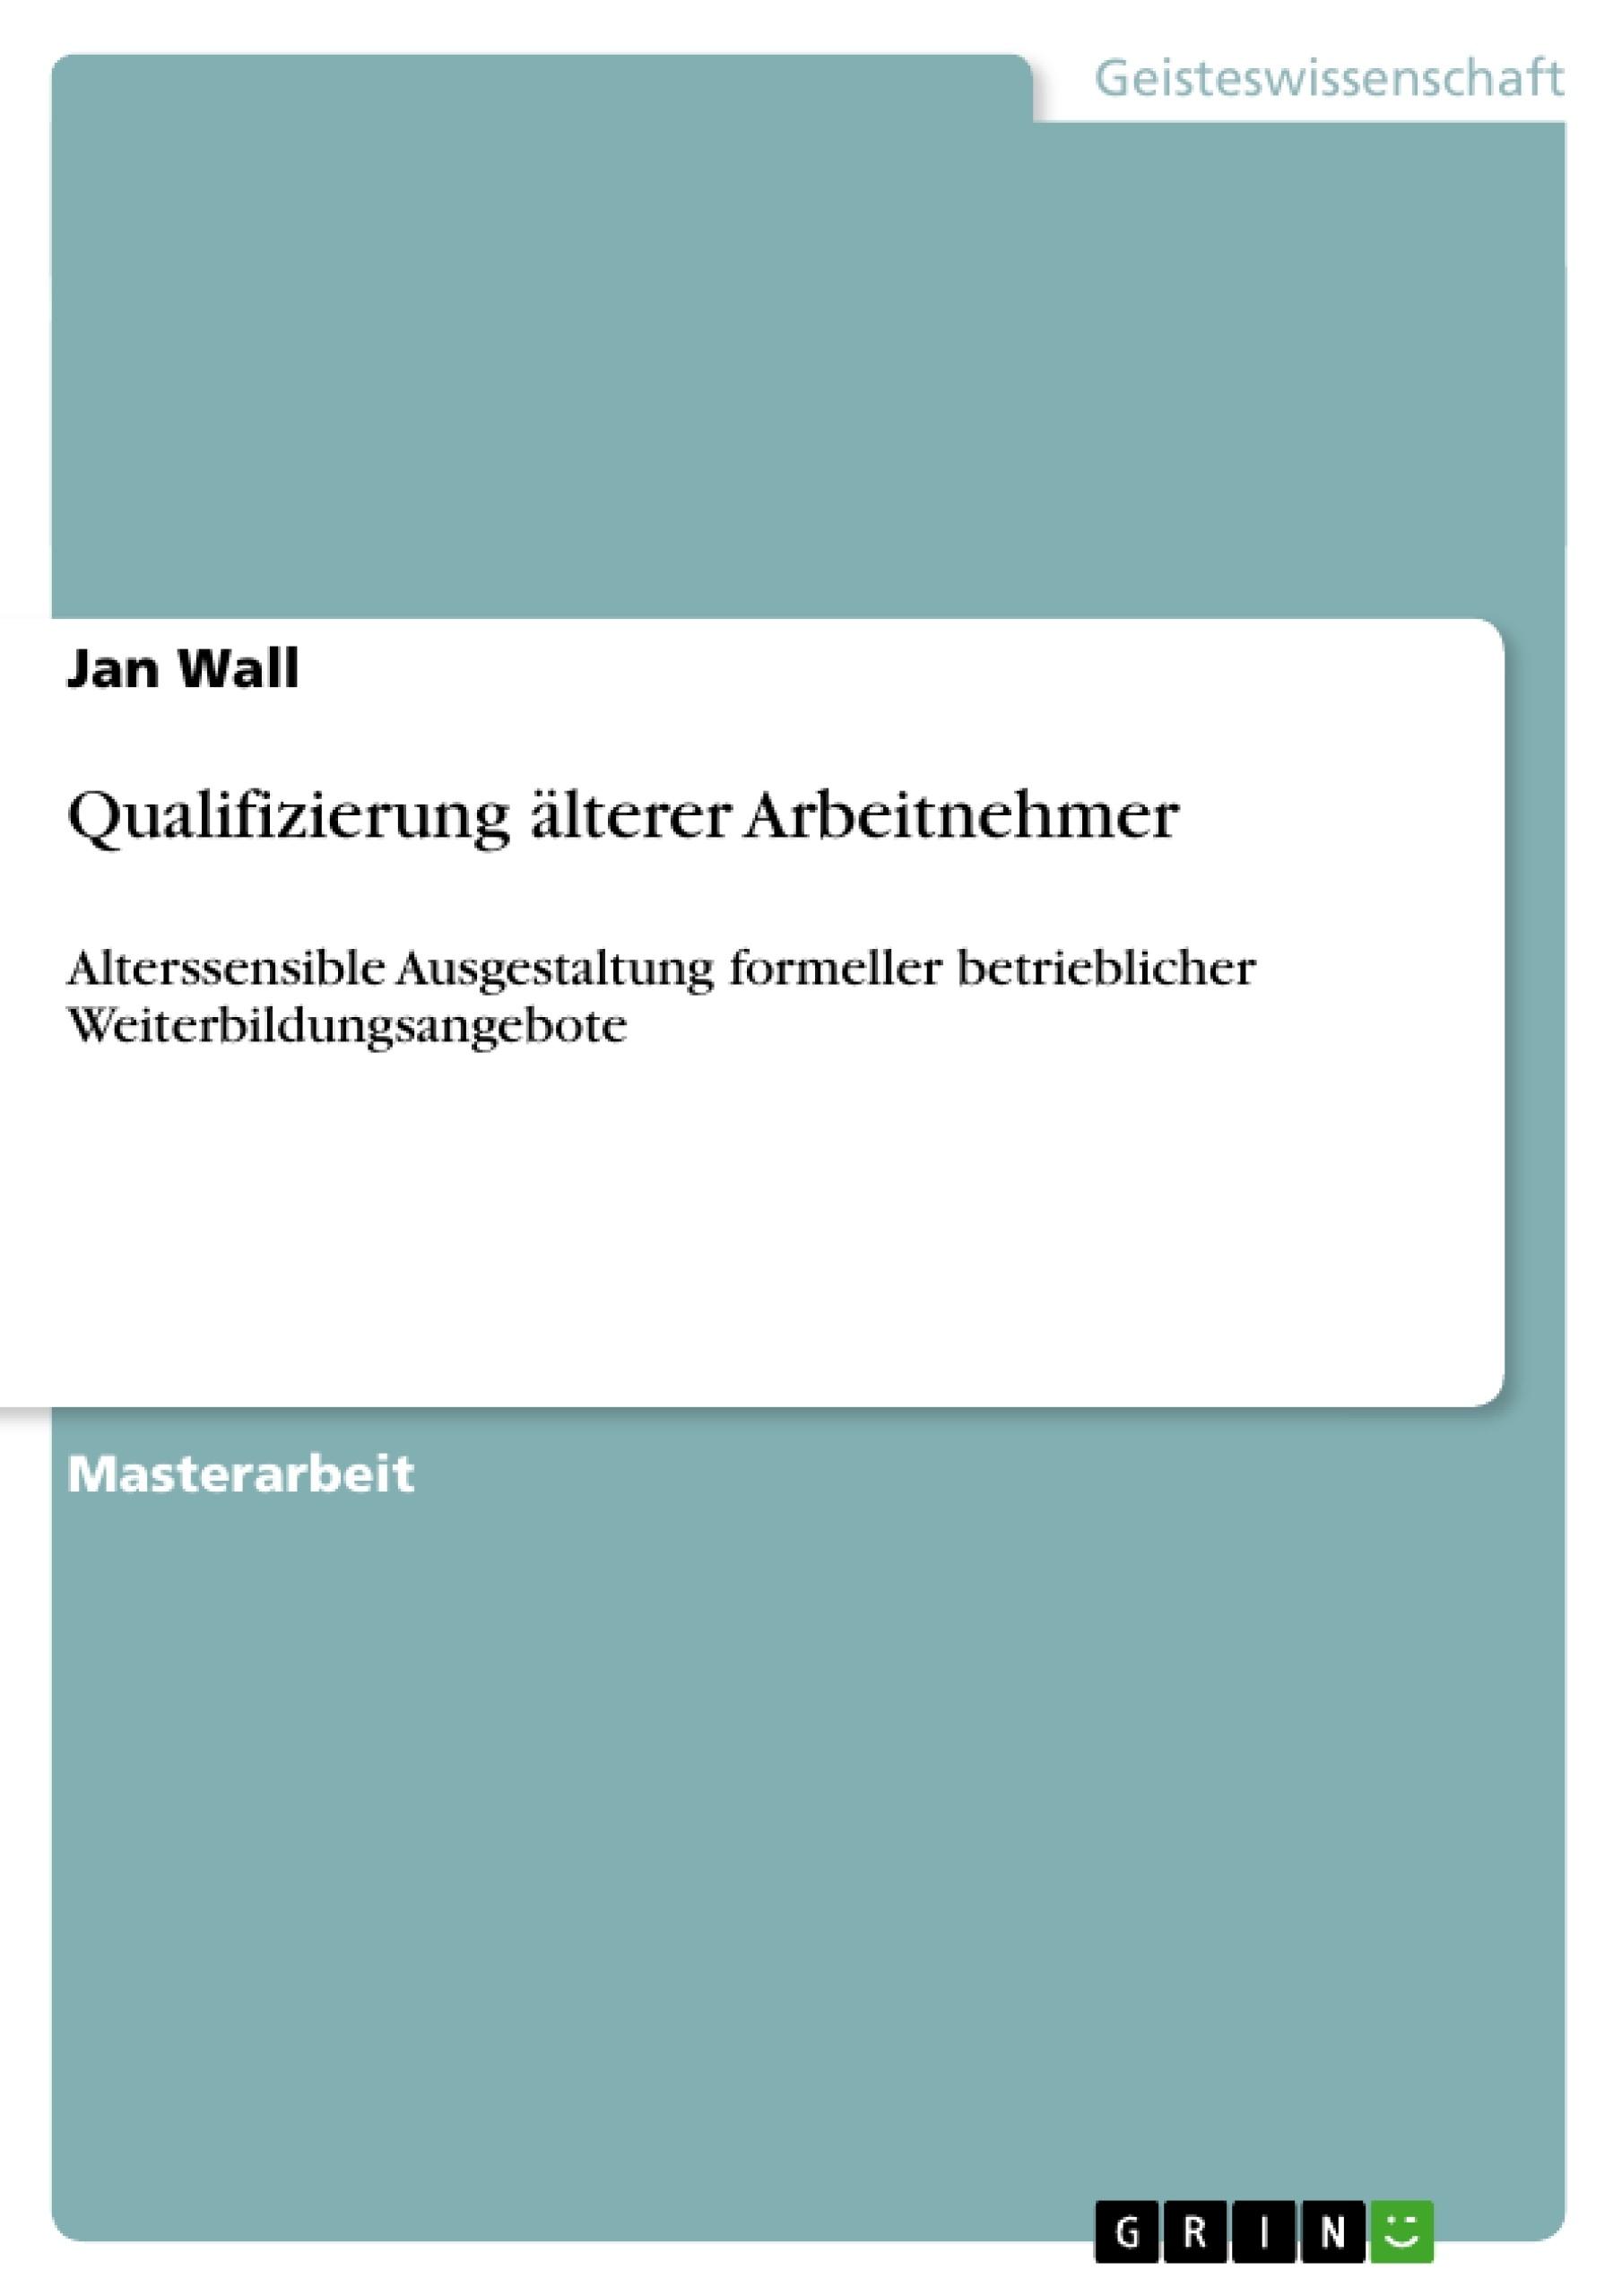 Titel: Qualifizierung älterer Arbeitnehmer